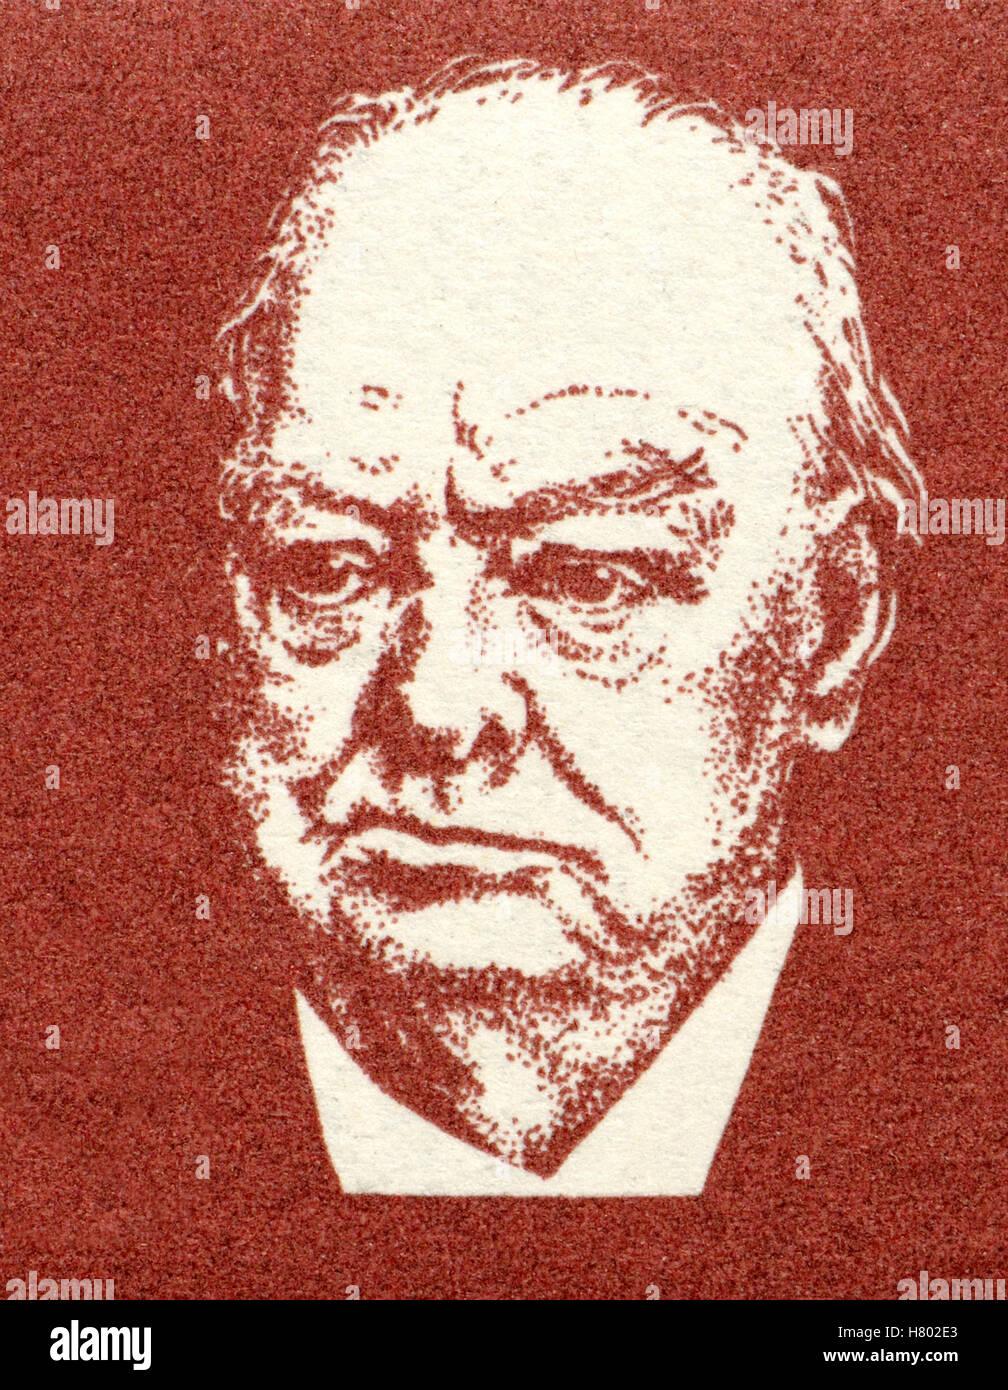 Retrato de Winston Churchill (1874-1965: primer ministro británico) a partir de una estampilla postal alemán. Foto de stock